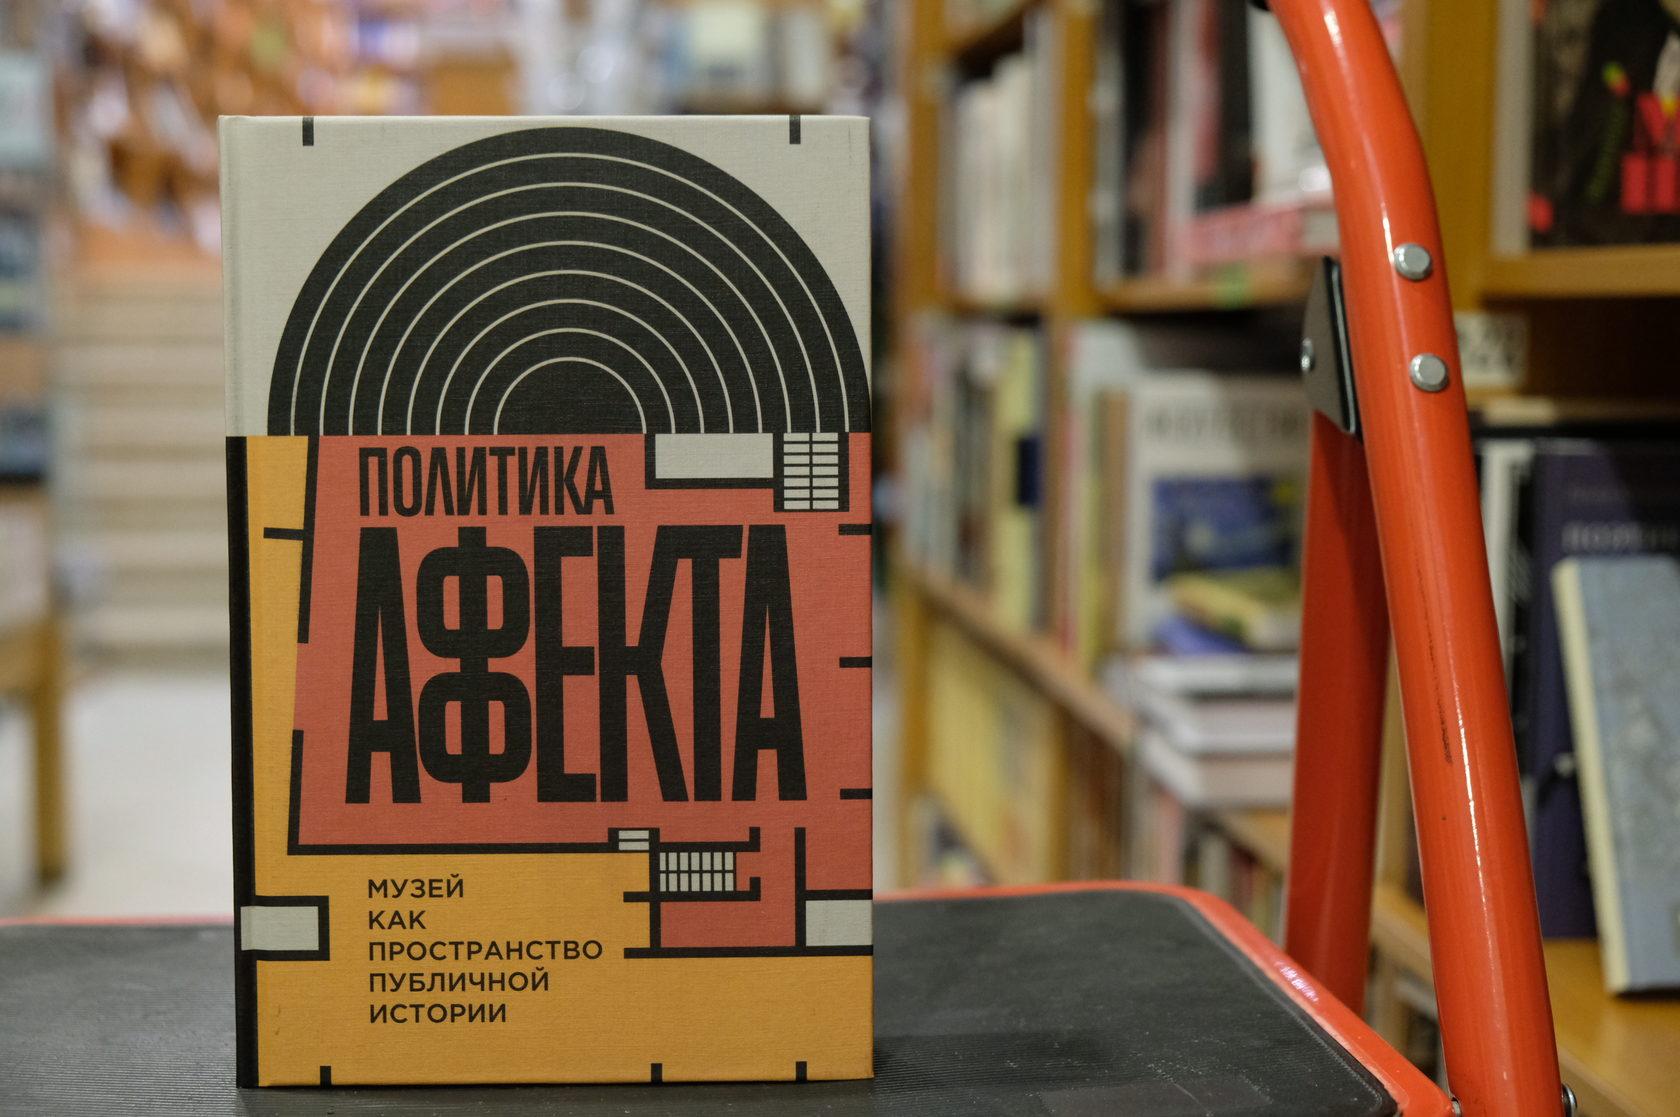 Купить книгу «Политика аффекта. Музей как пространство публичной истории»